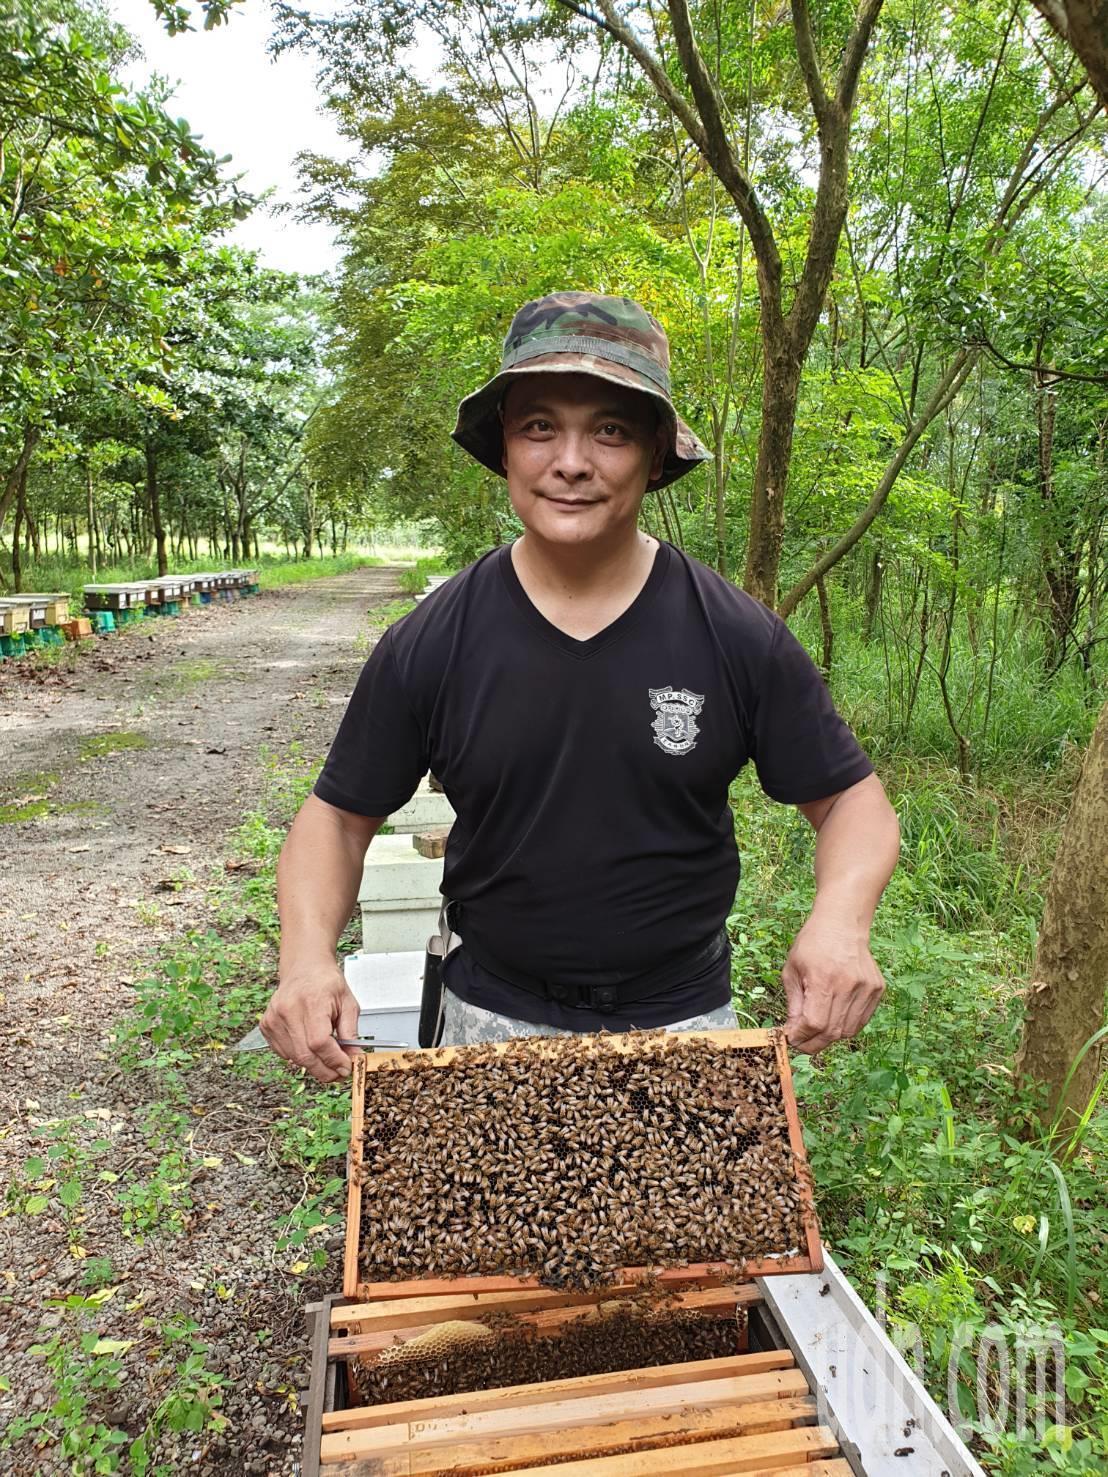 潮州農友陳柏升4年前從憲兵特勤部隊士官長退伍後,投入養蜂行列,從完全陌生到現在對...